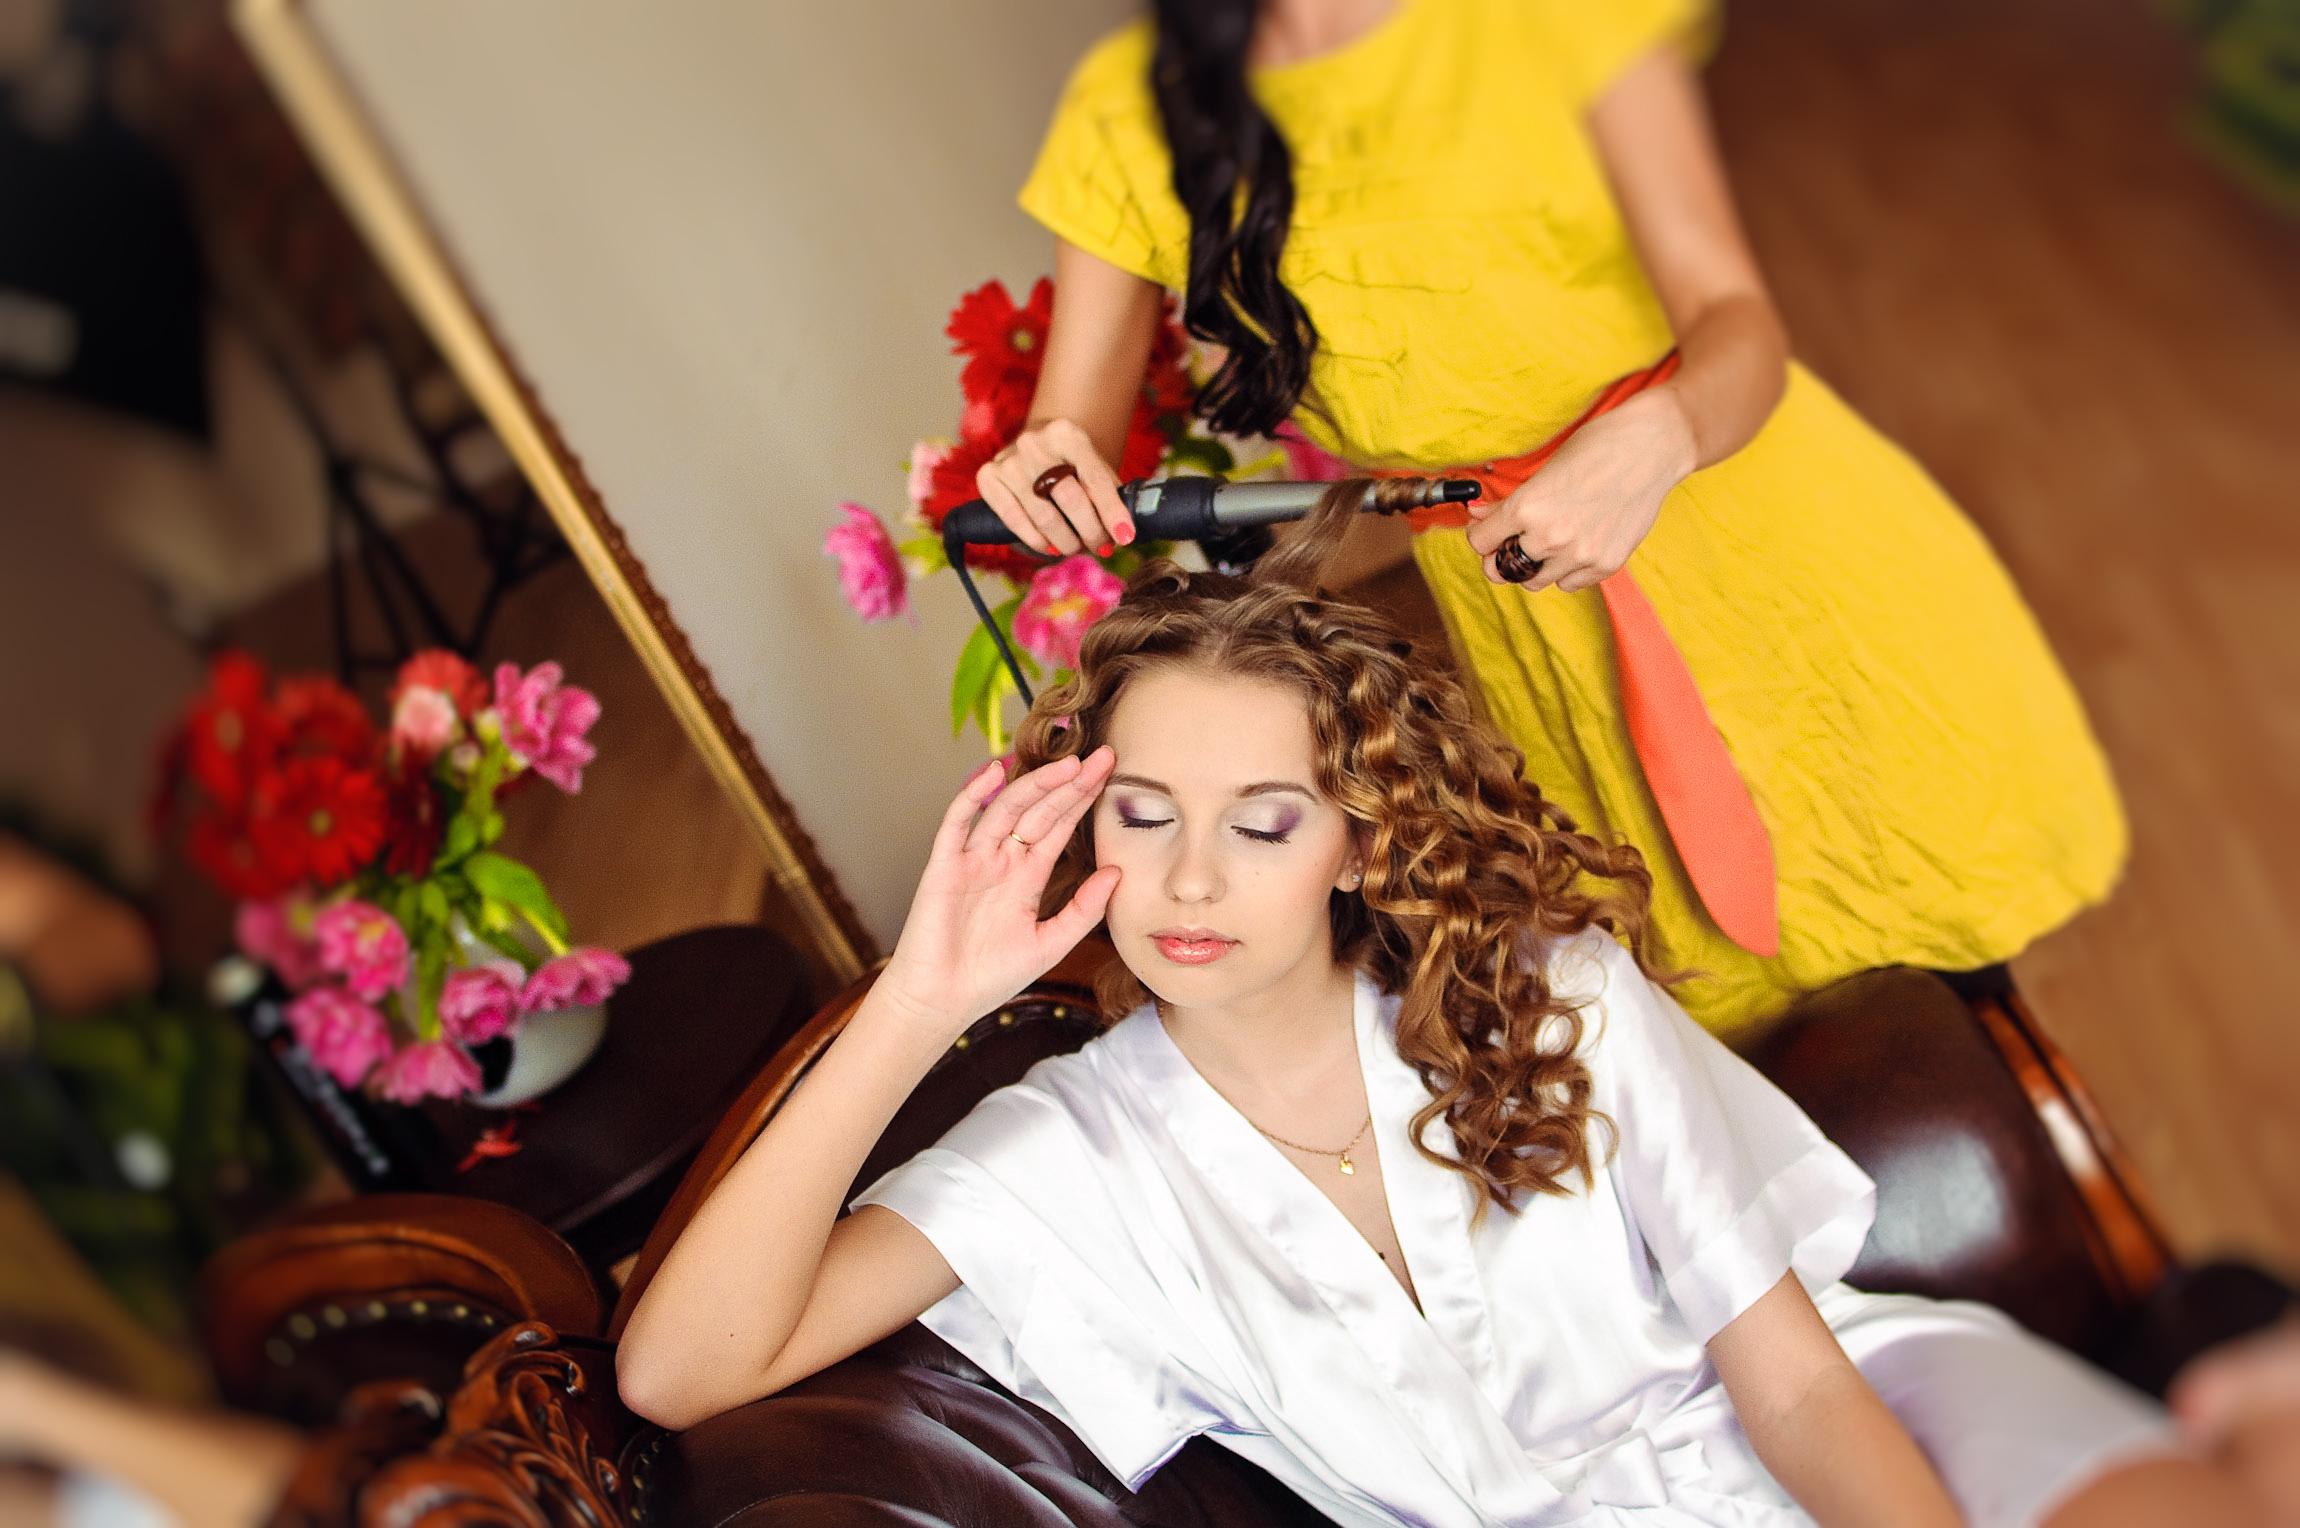 новороссийск парикмахерские услуги свадебные прически выезд на дом расценки